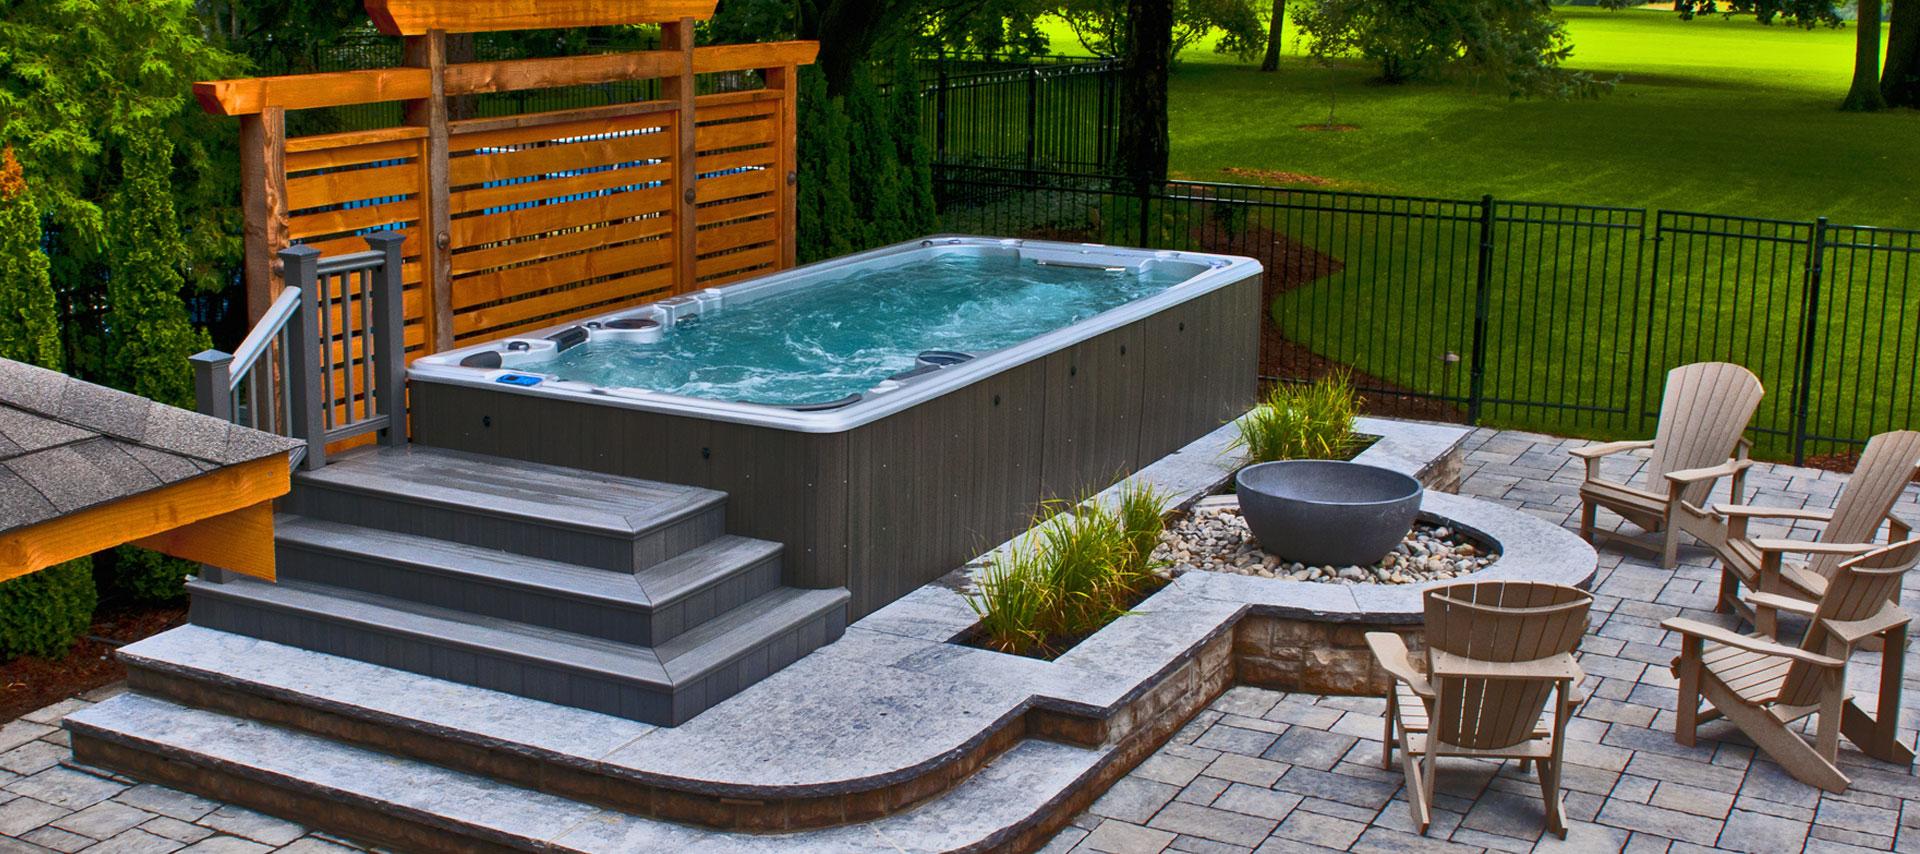 www.quinju.com hot tub or spa